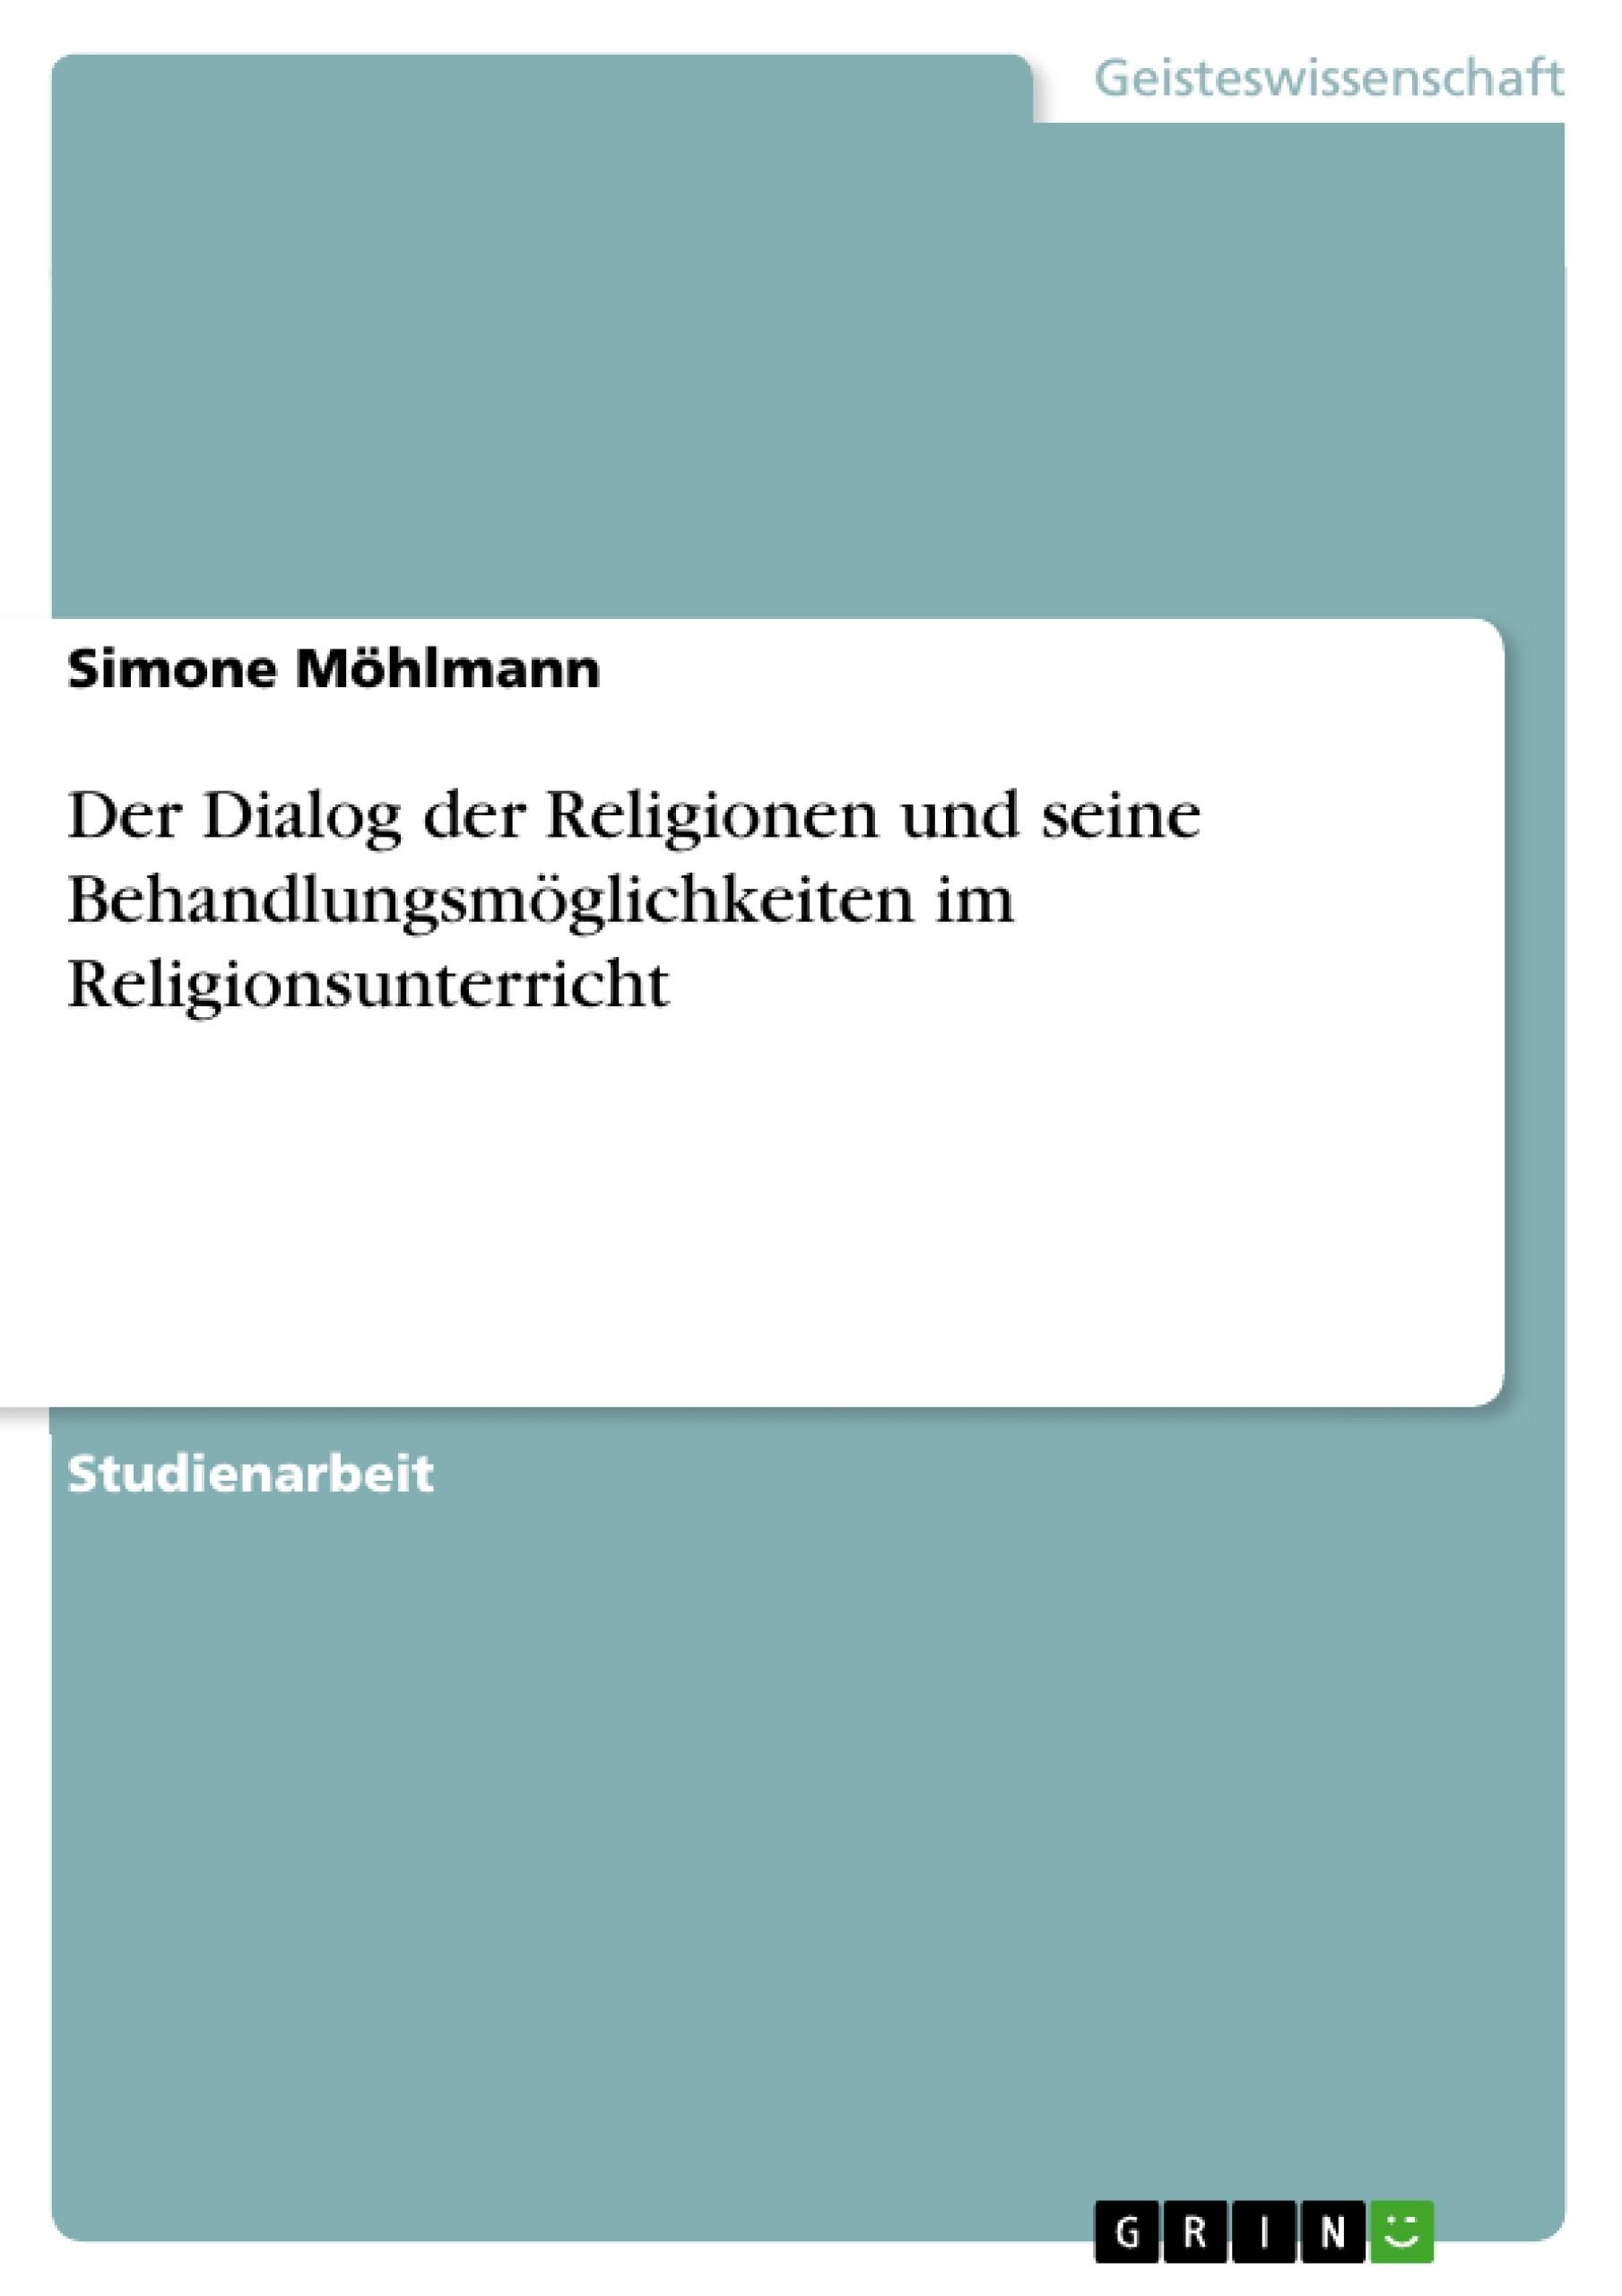 Titel: Der Dialog der Religionen und seine Behandlungsmöglichkeiten im Religionsunterricht